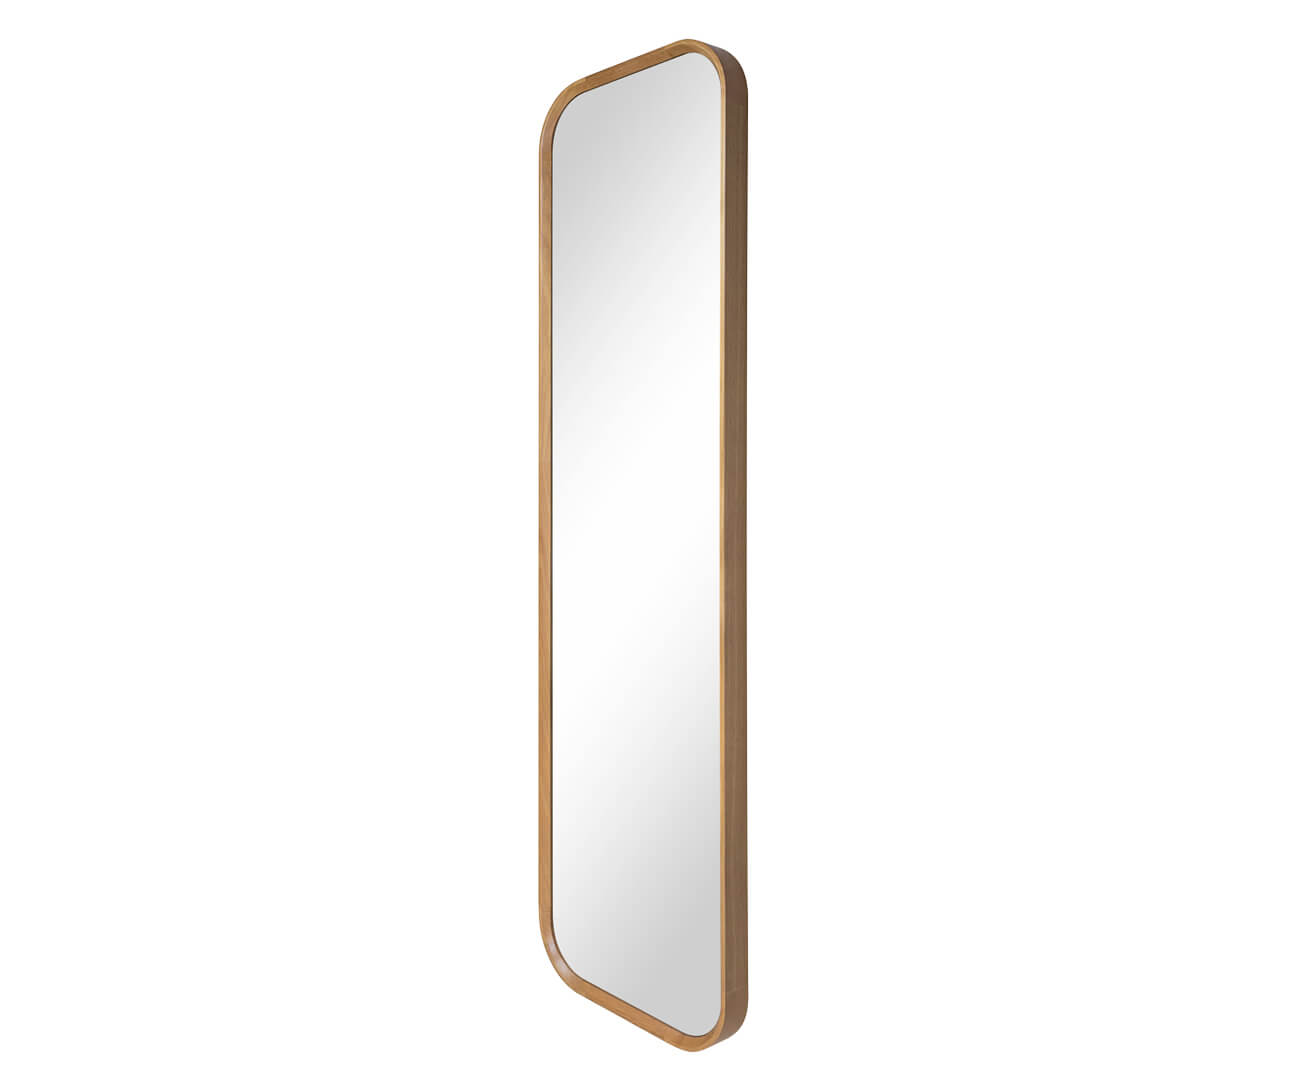 espelho de corpo inteiro retangular em madeira oslo 1300